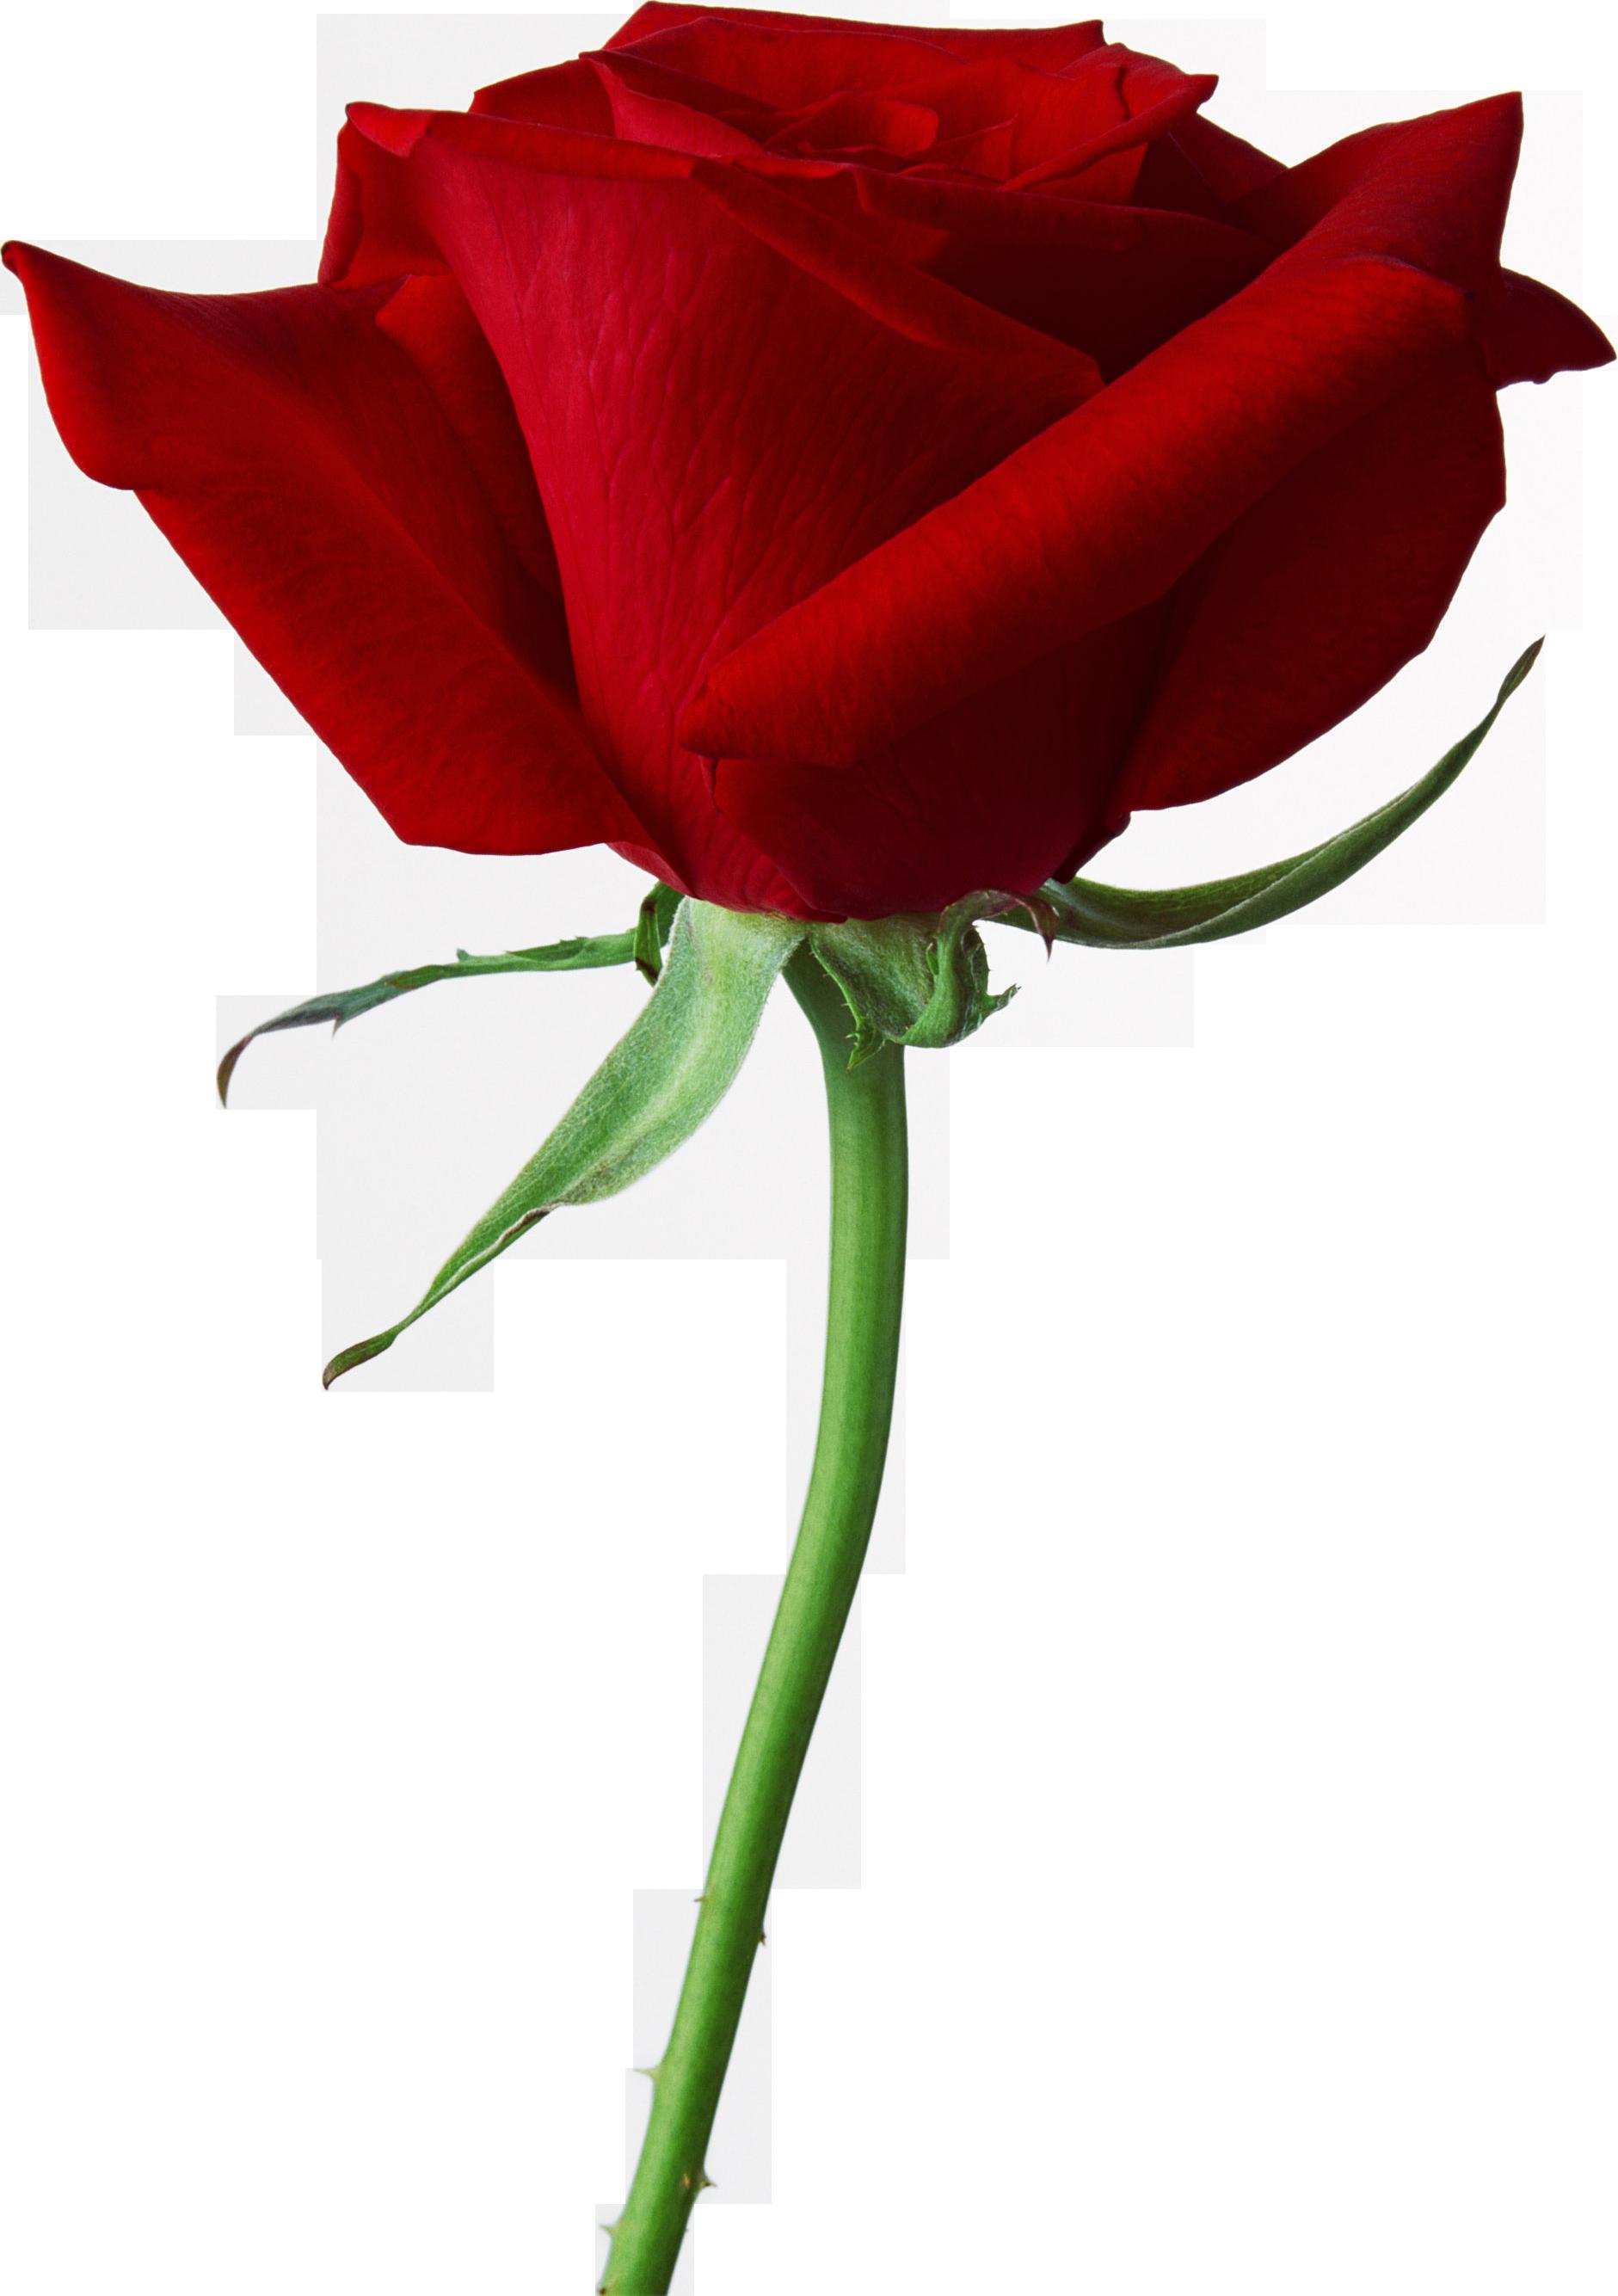 Rose HD PNG - 94824